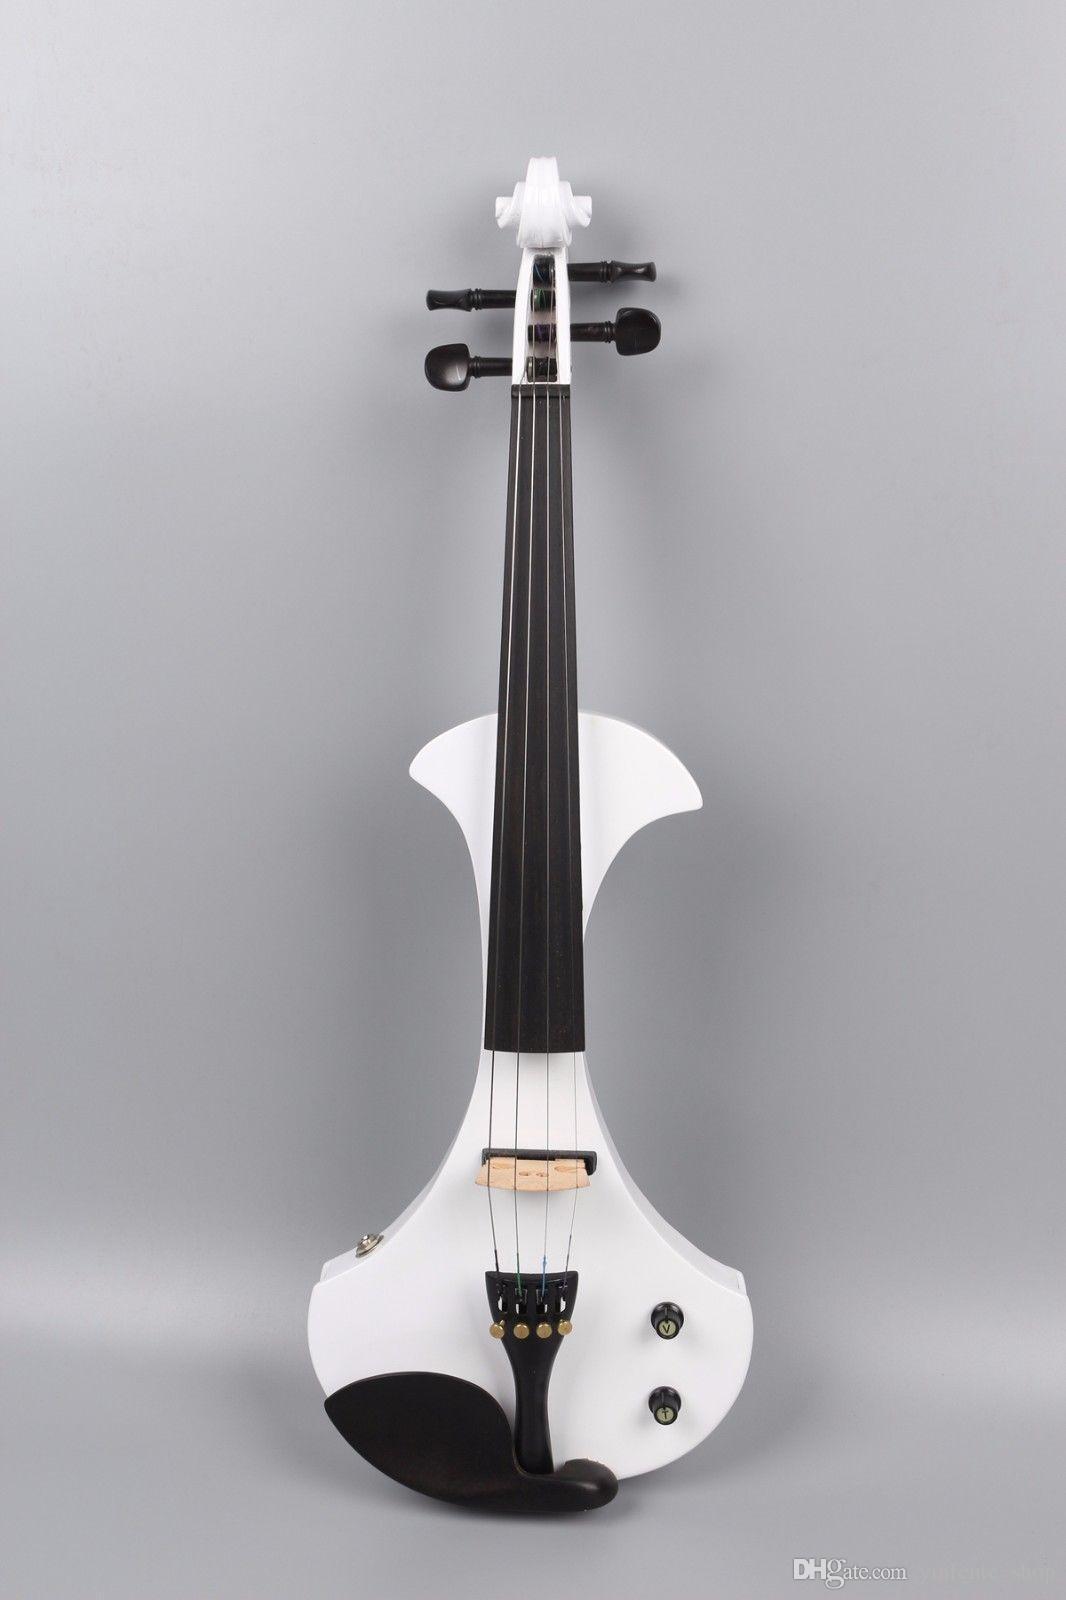 Yinfente 4/4 electric violin 풀 사이즈 빅 잭 단단한 나무 무료 바이올린 케이스 Bow White Sweet Sound